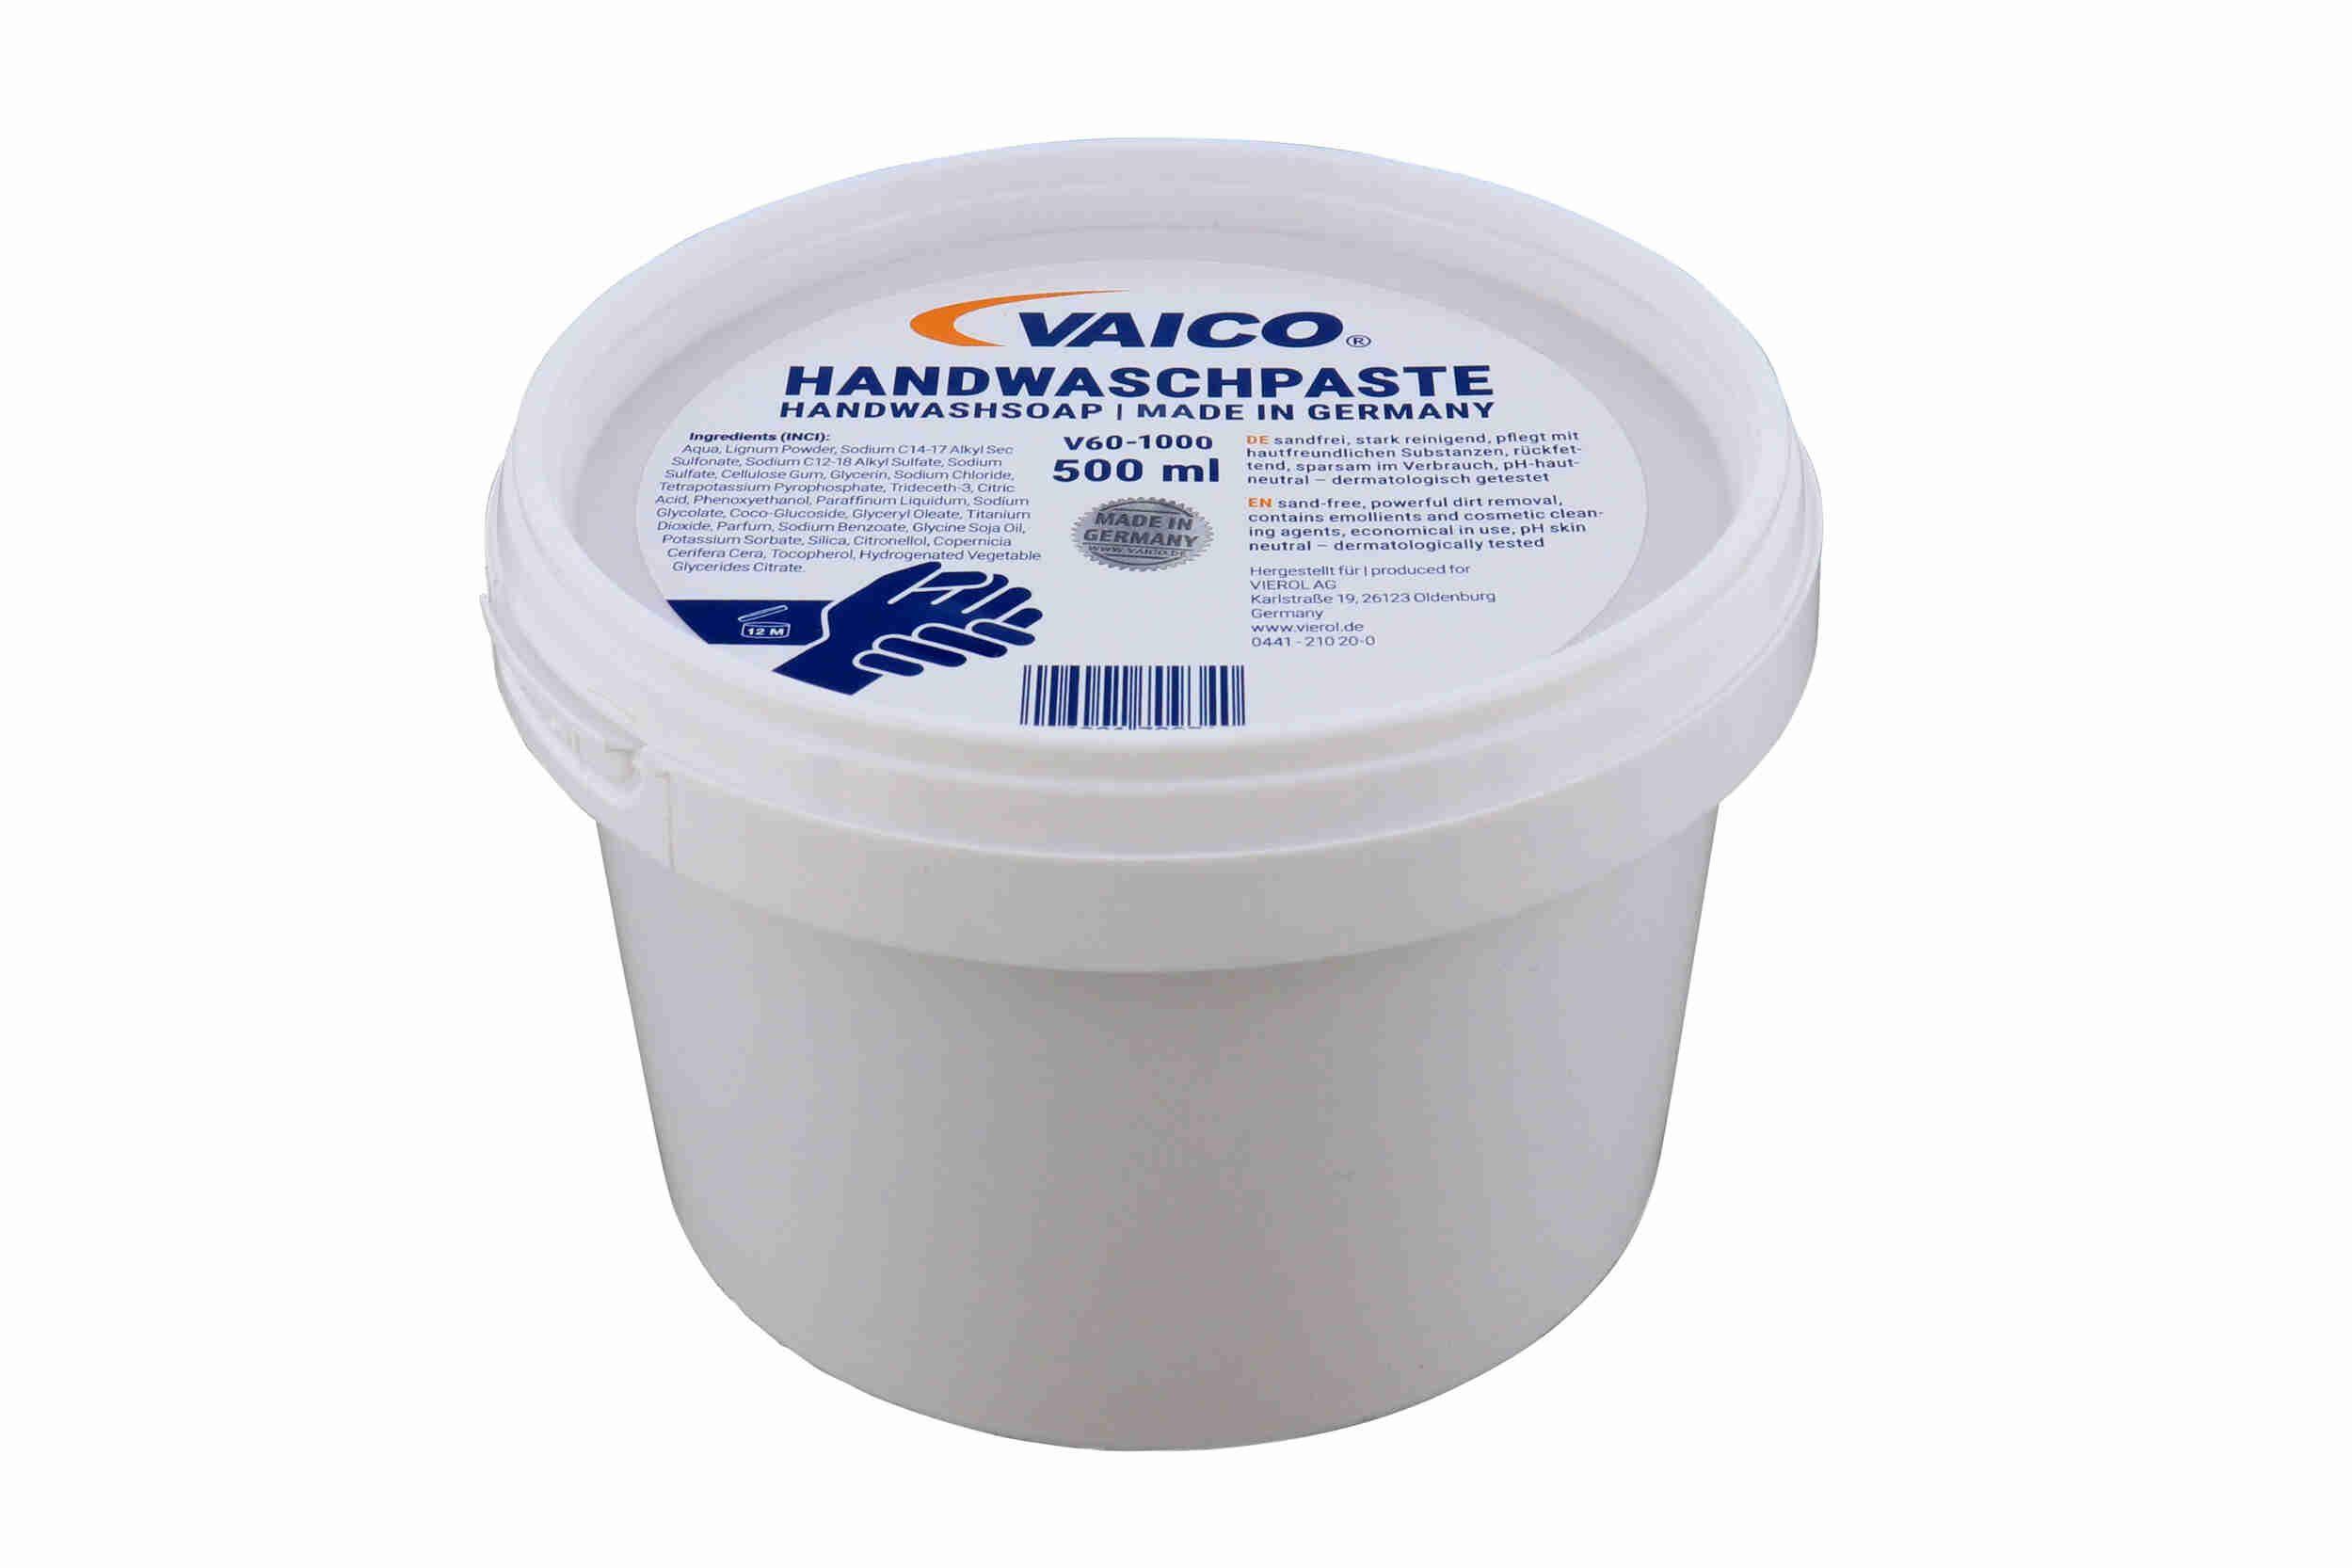 Handwaschpaste für Werkstatt VAICO V60-1000 4046001709340